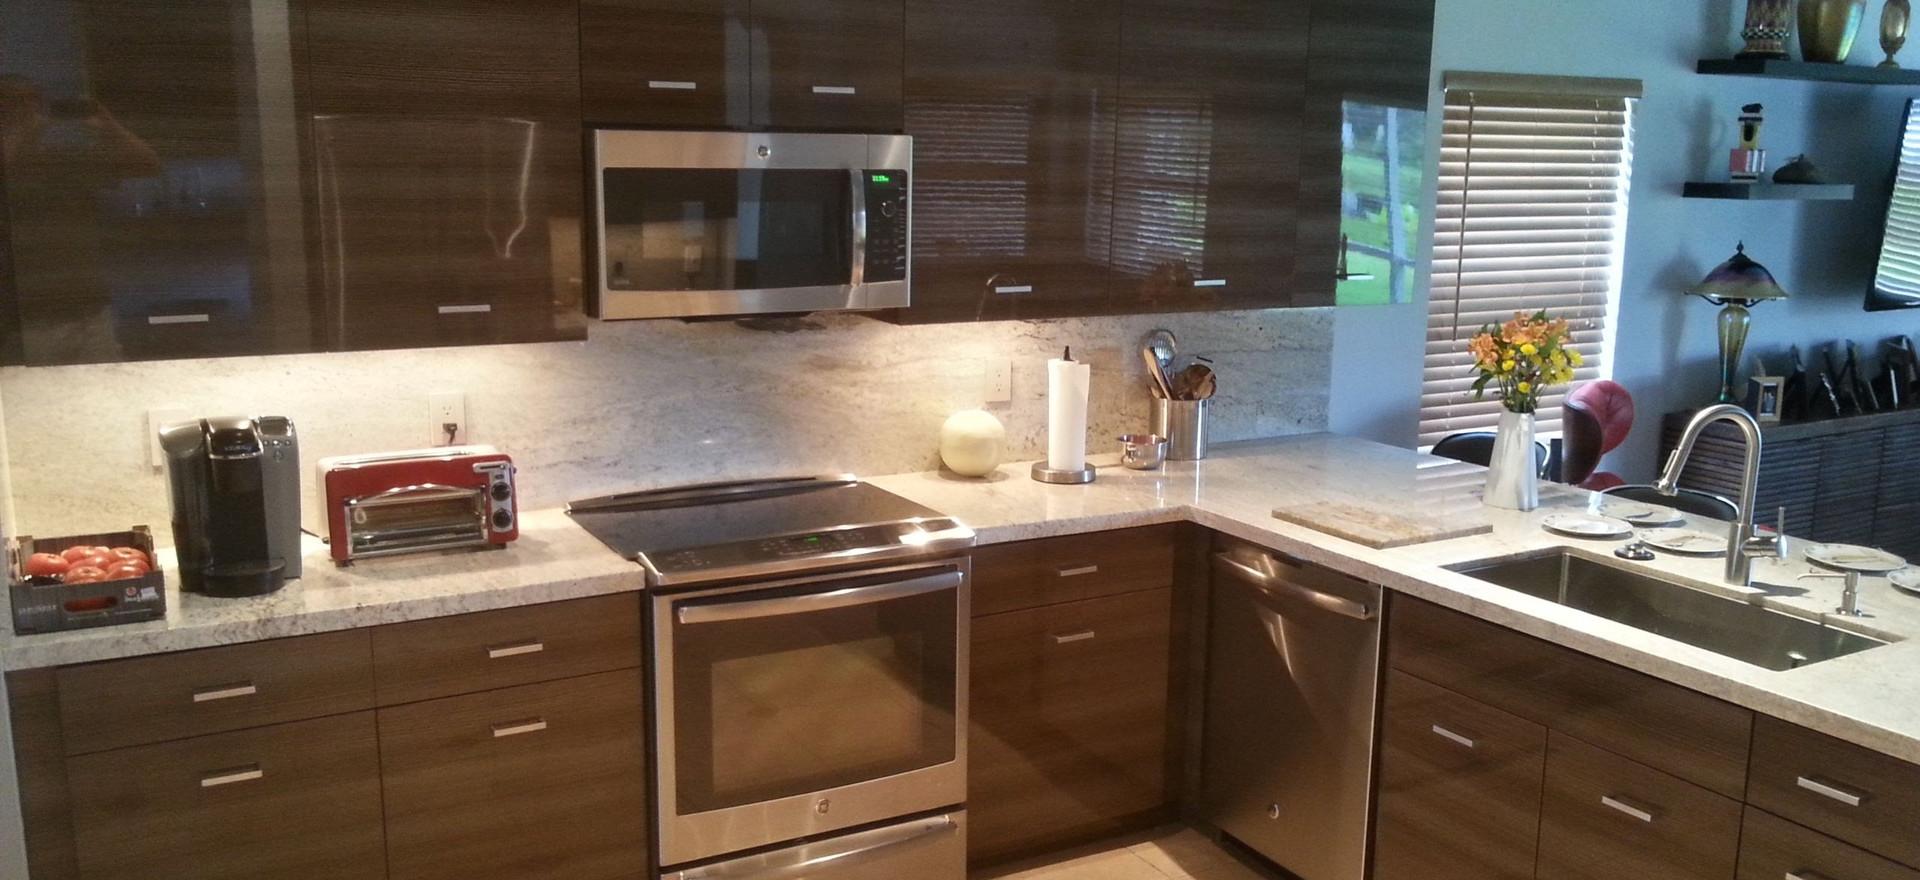 Shiny Kitchen